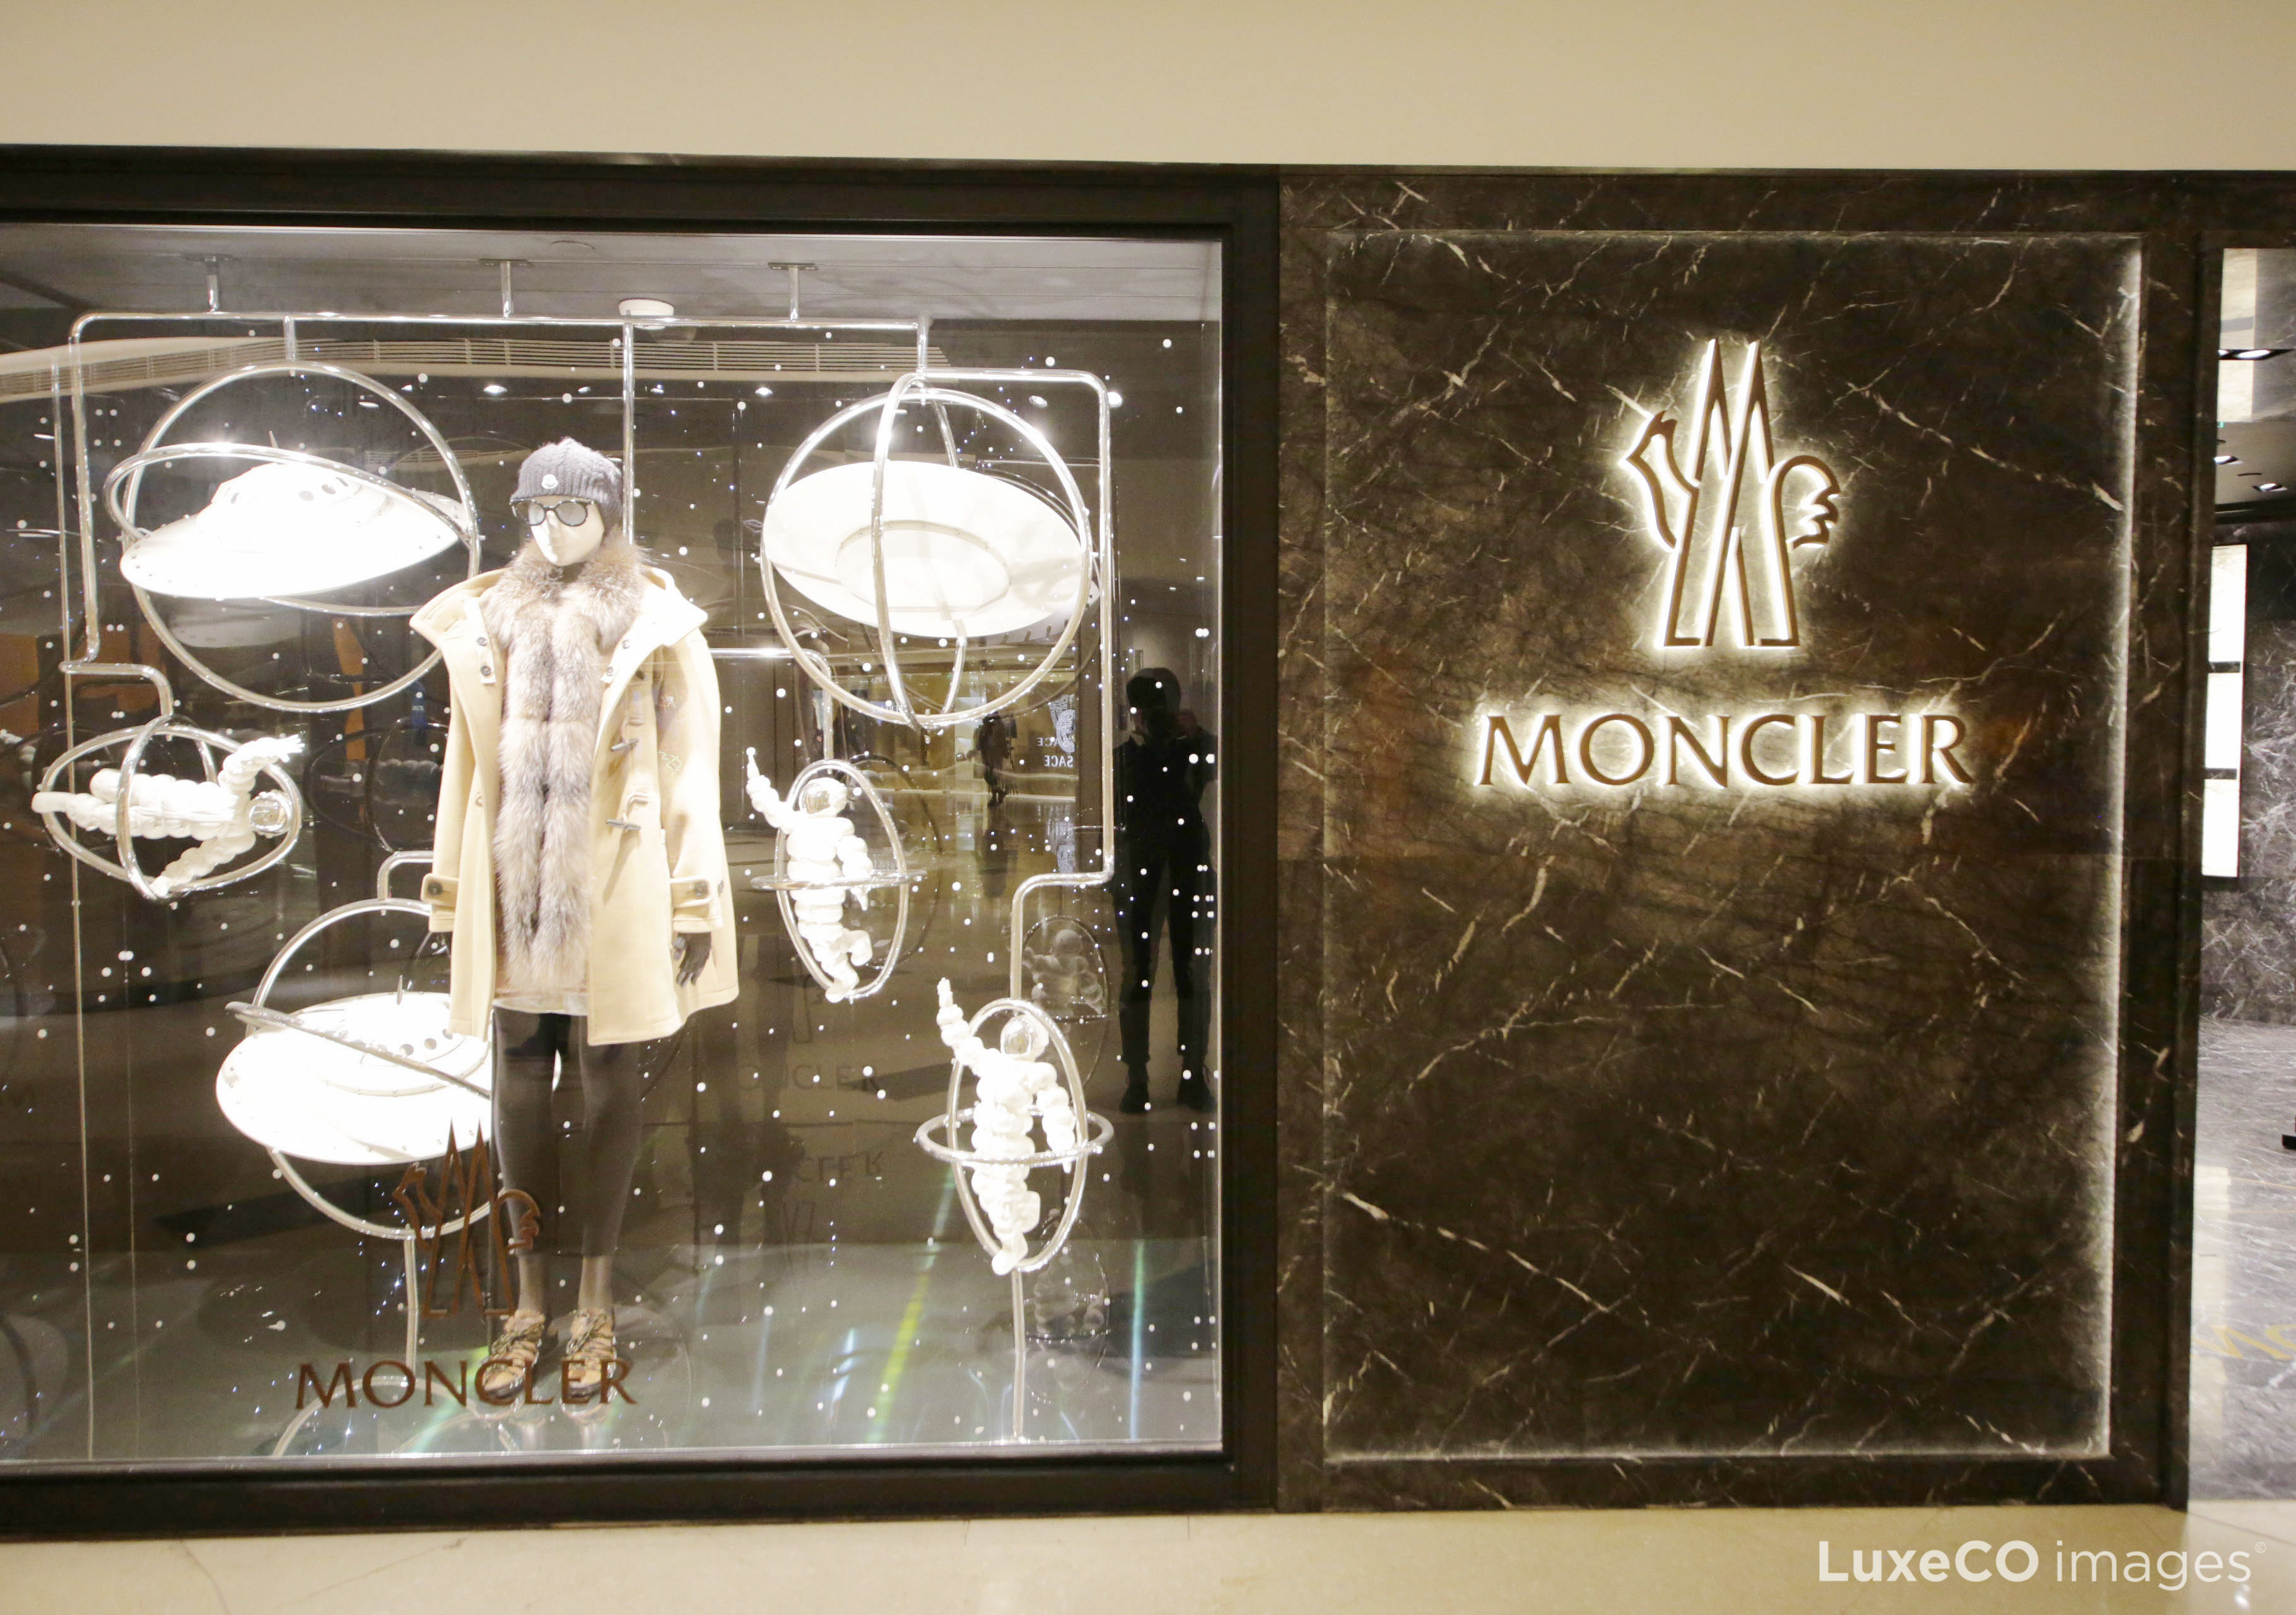 加快推陈出新,Moncler 将每月推出羽绒服新系列